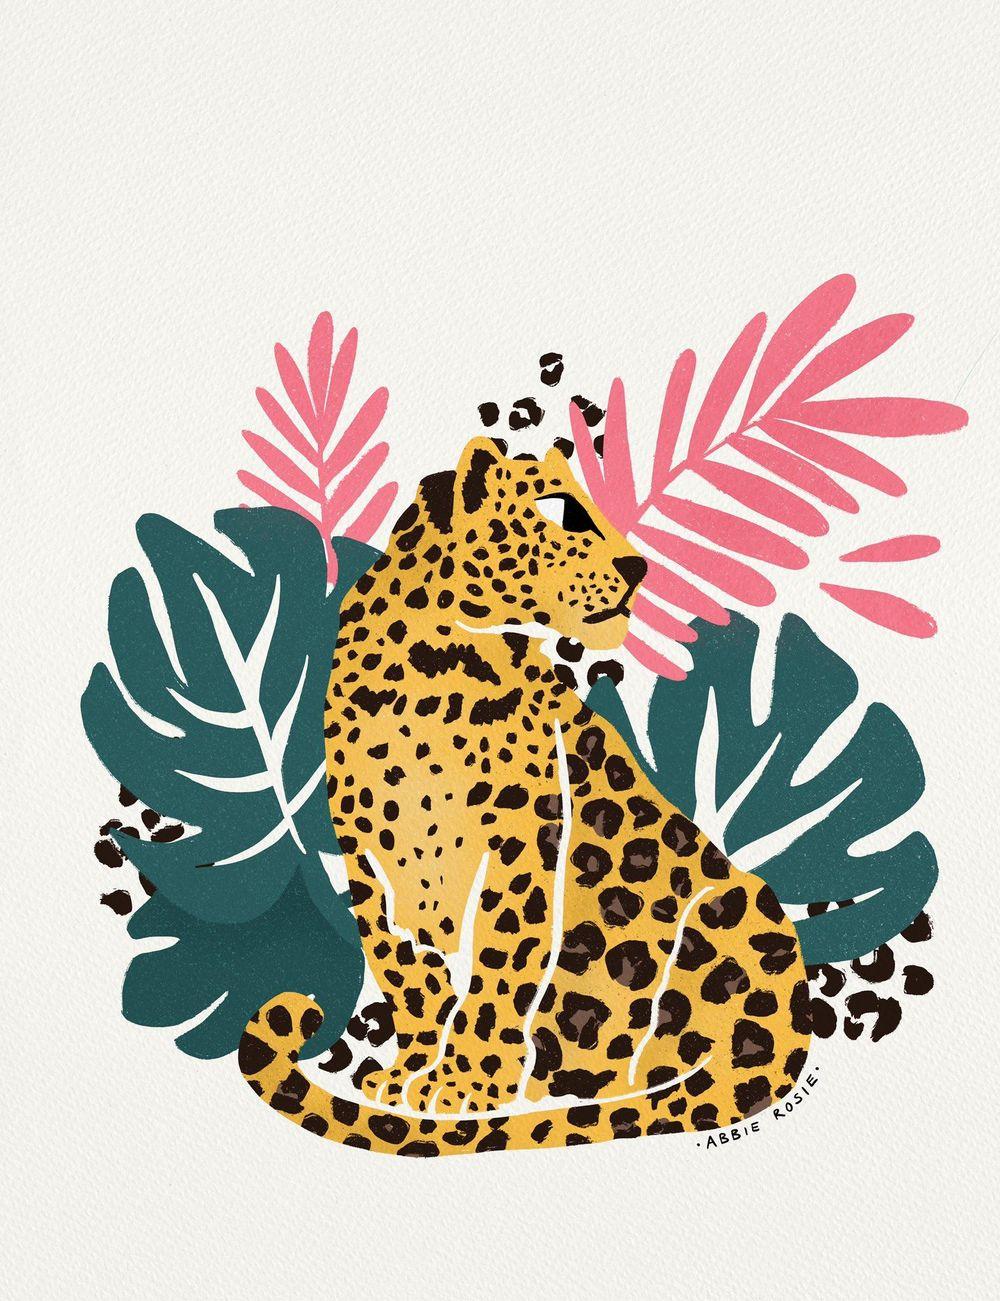 Tropical Jaguar - image 1 - student project